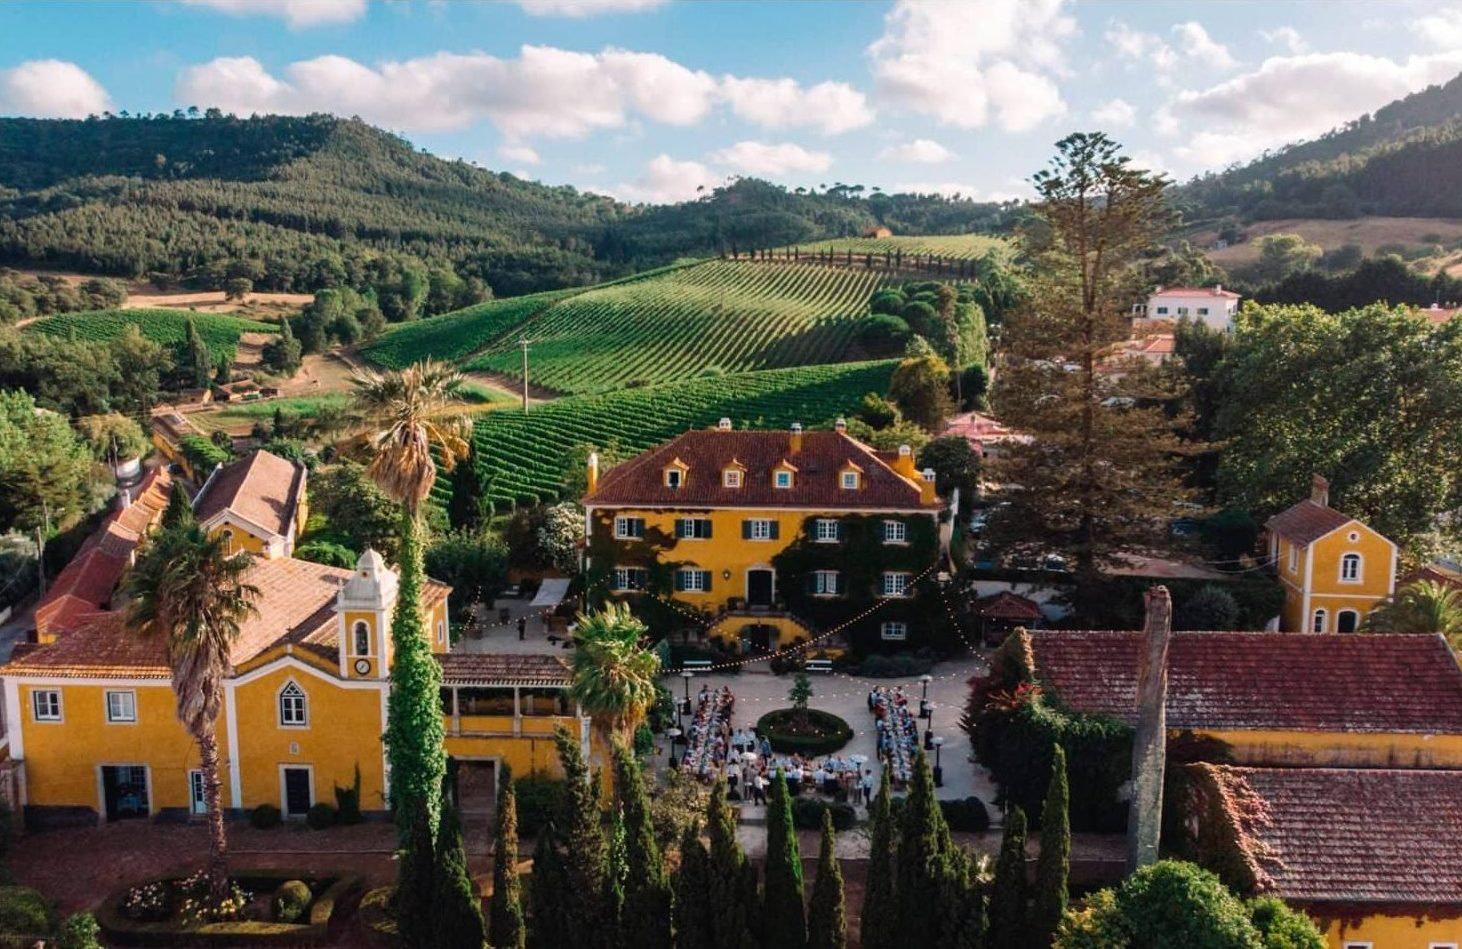 Visite privée exclusive d'un vignoble de la région de lisbonne pour déguster des vins portugais de lisbonne